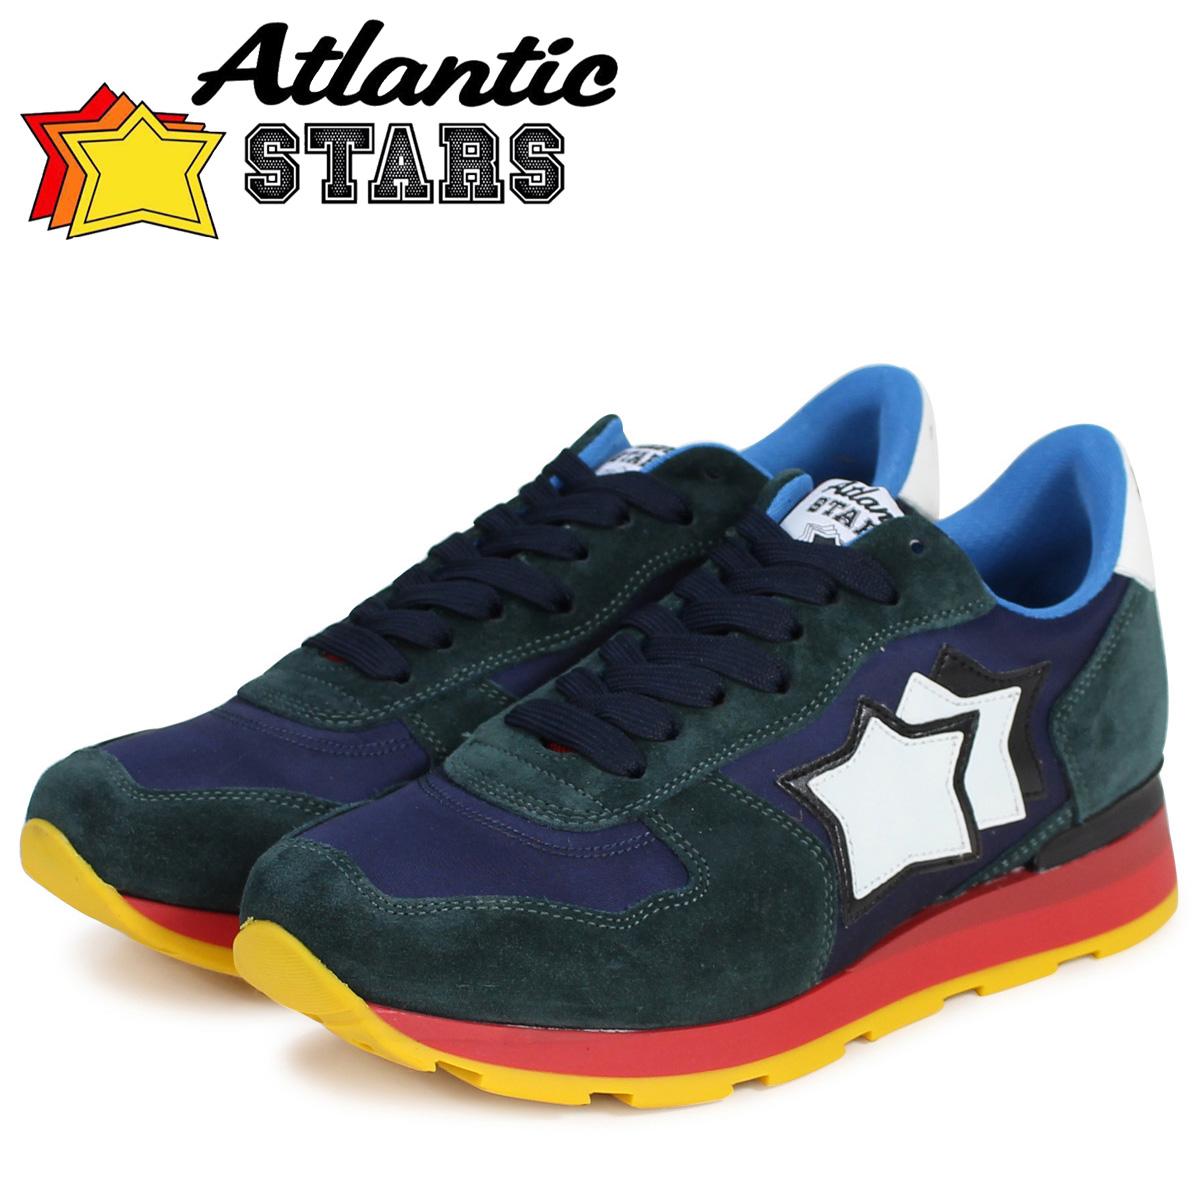 【送料無料】 【あす楽対応】 【25cm-29cm】 アトランティックスターズ Atlantic STARS スニーカー ANTARES アトランティックスターズ Atlantic STARS アンタレス スニーカー メンズ ANTARES LNR グリーン ネイビー